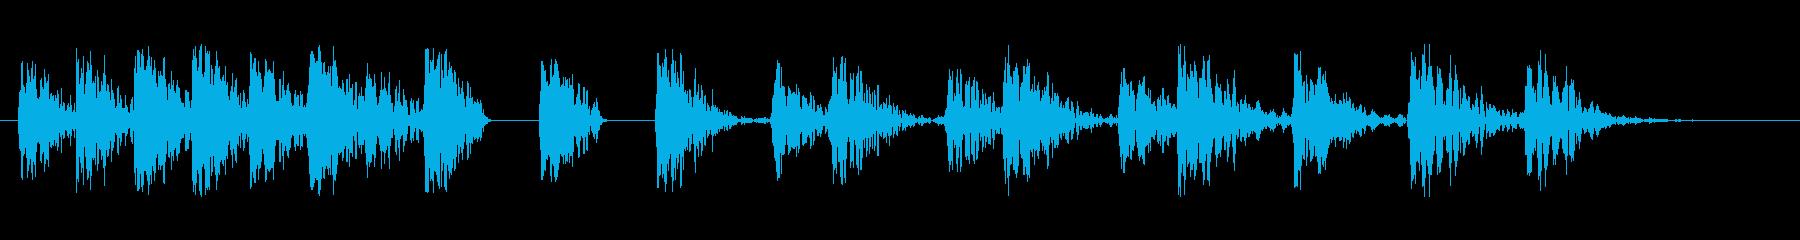 飛んでいるものが着地する際の音などにの再生済みの波形